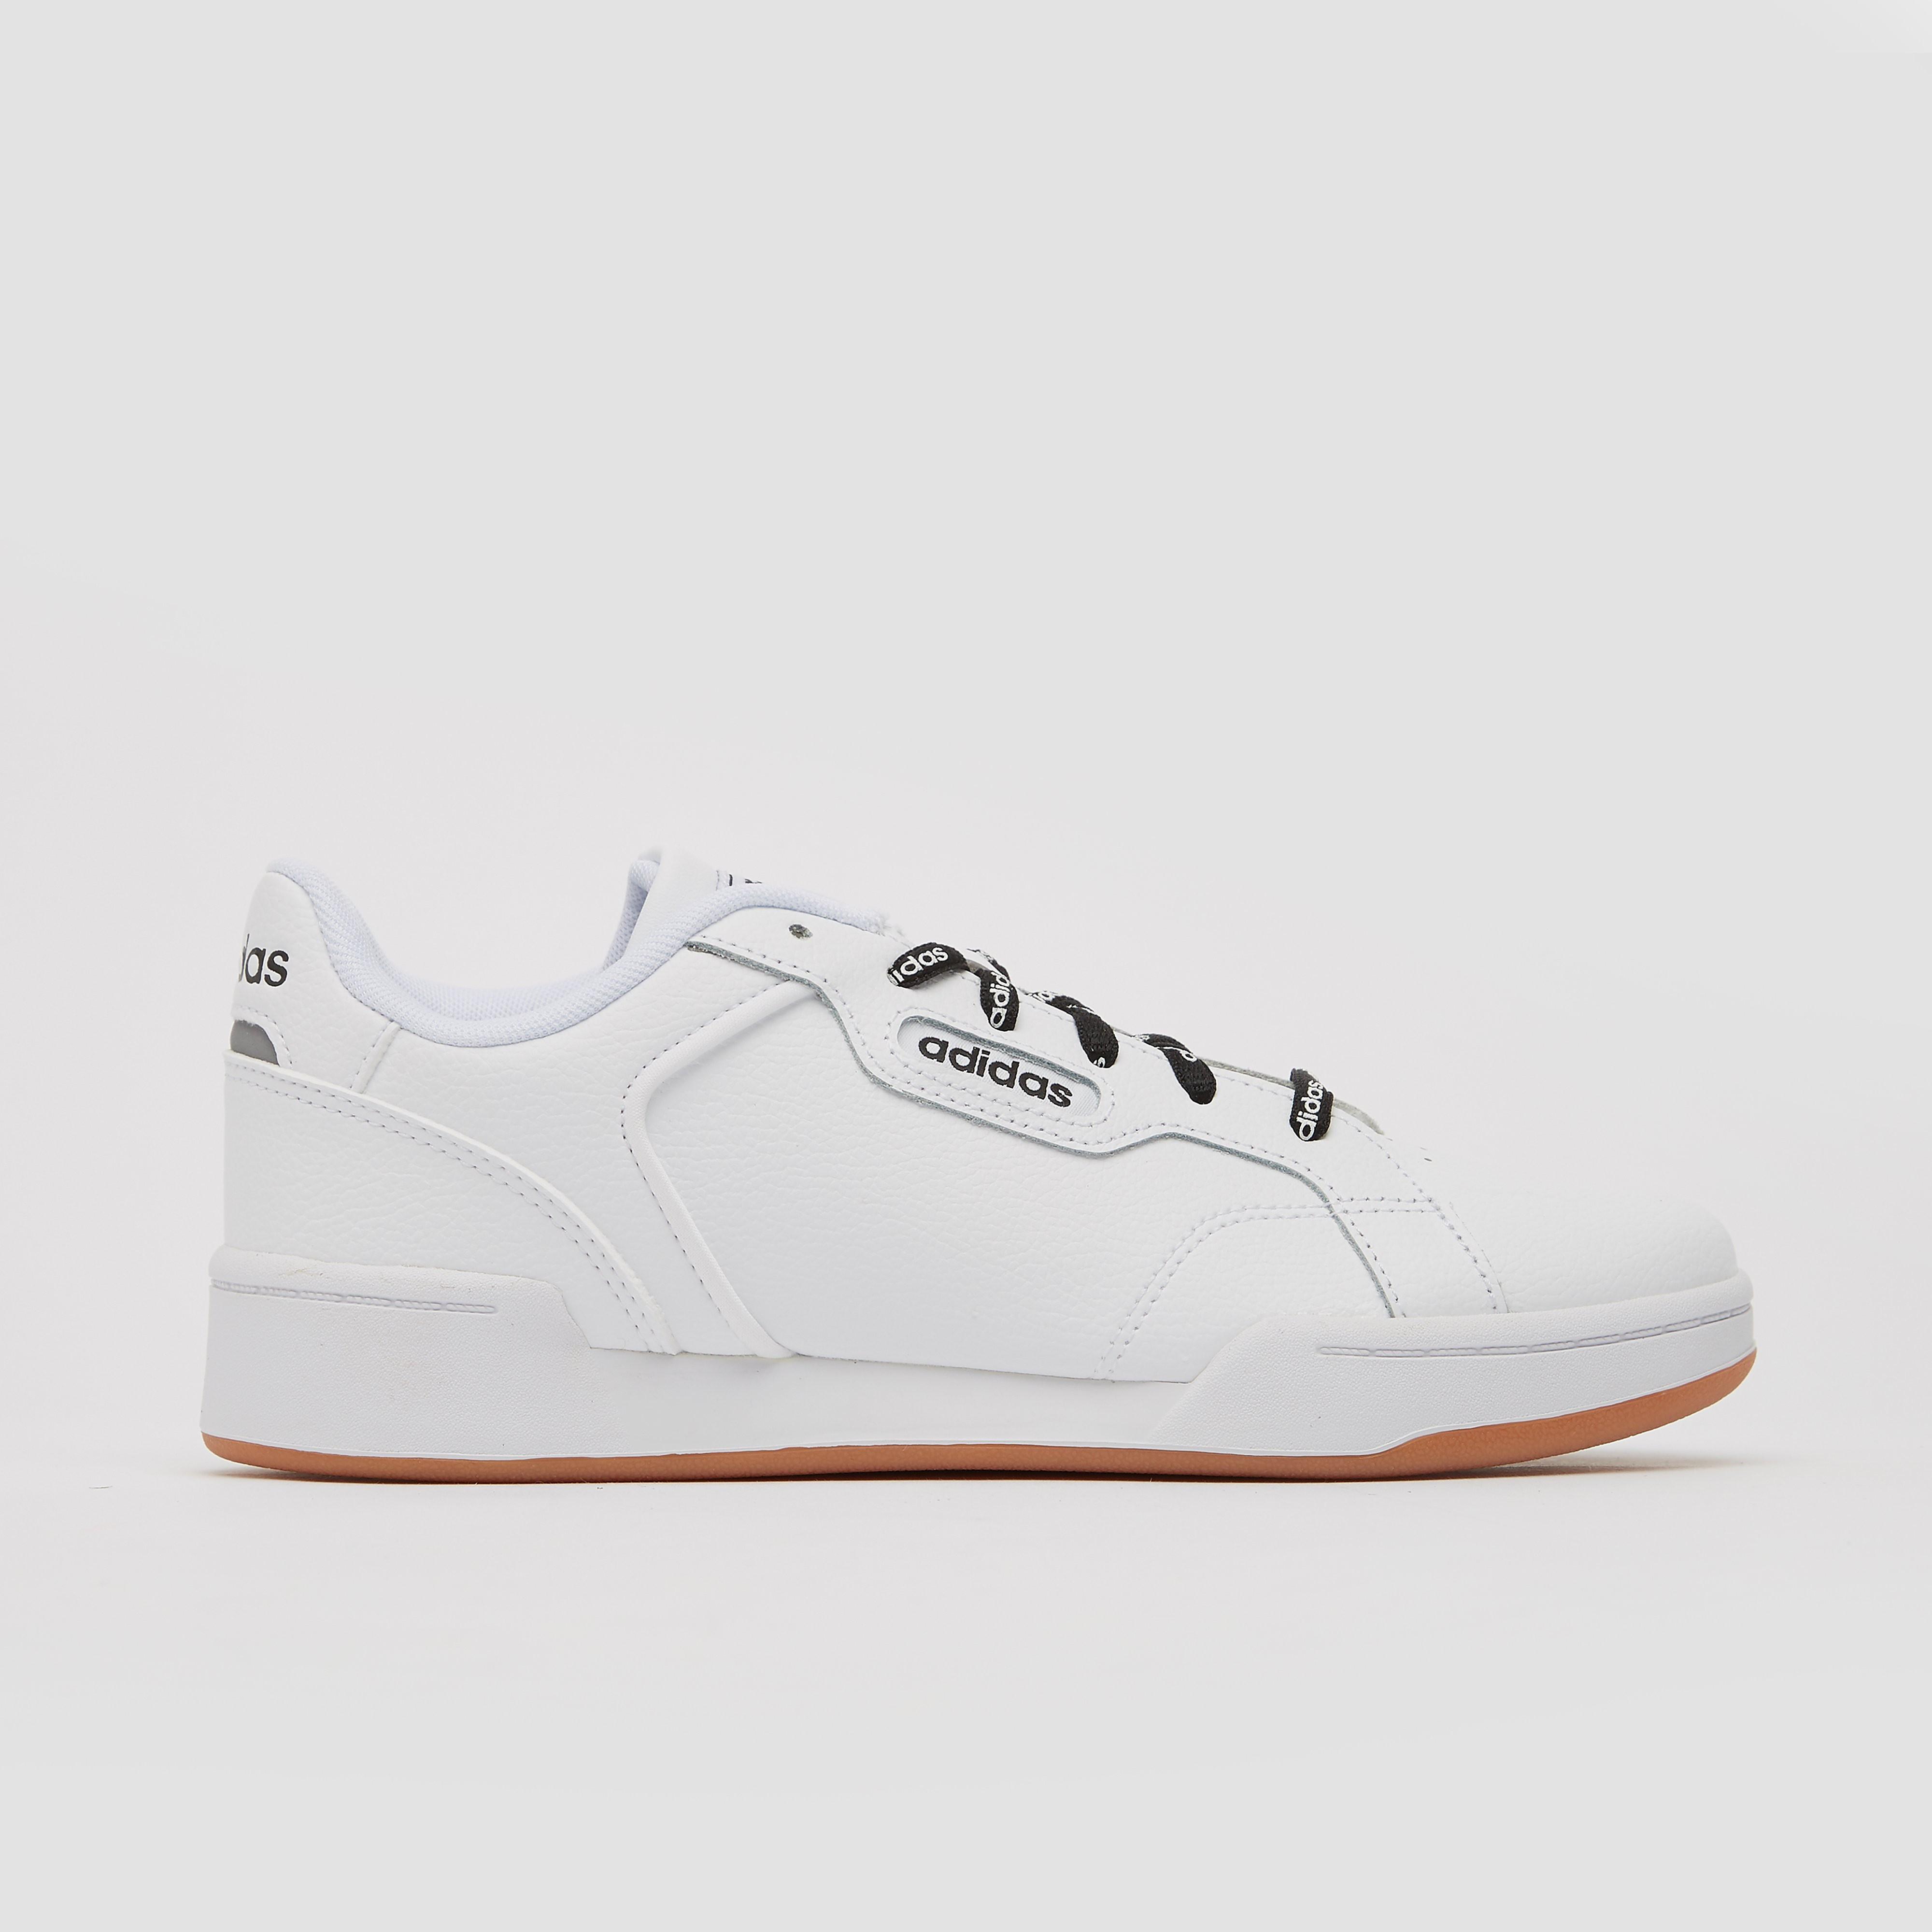 adidas Roguera sneakers wit kinderen Kinderen